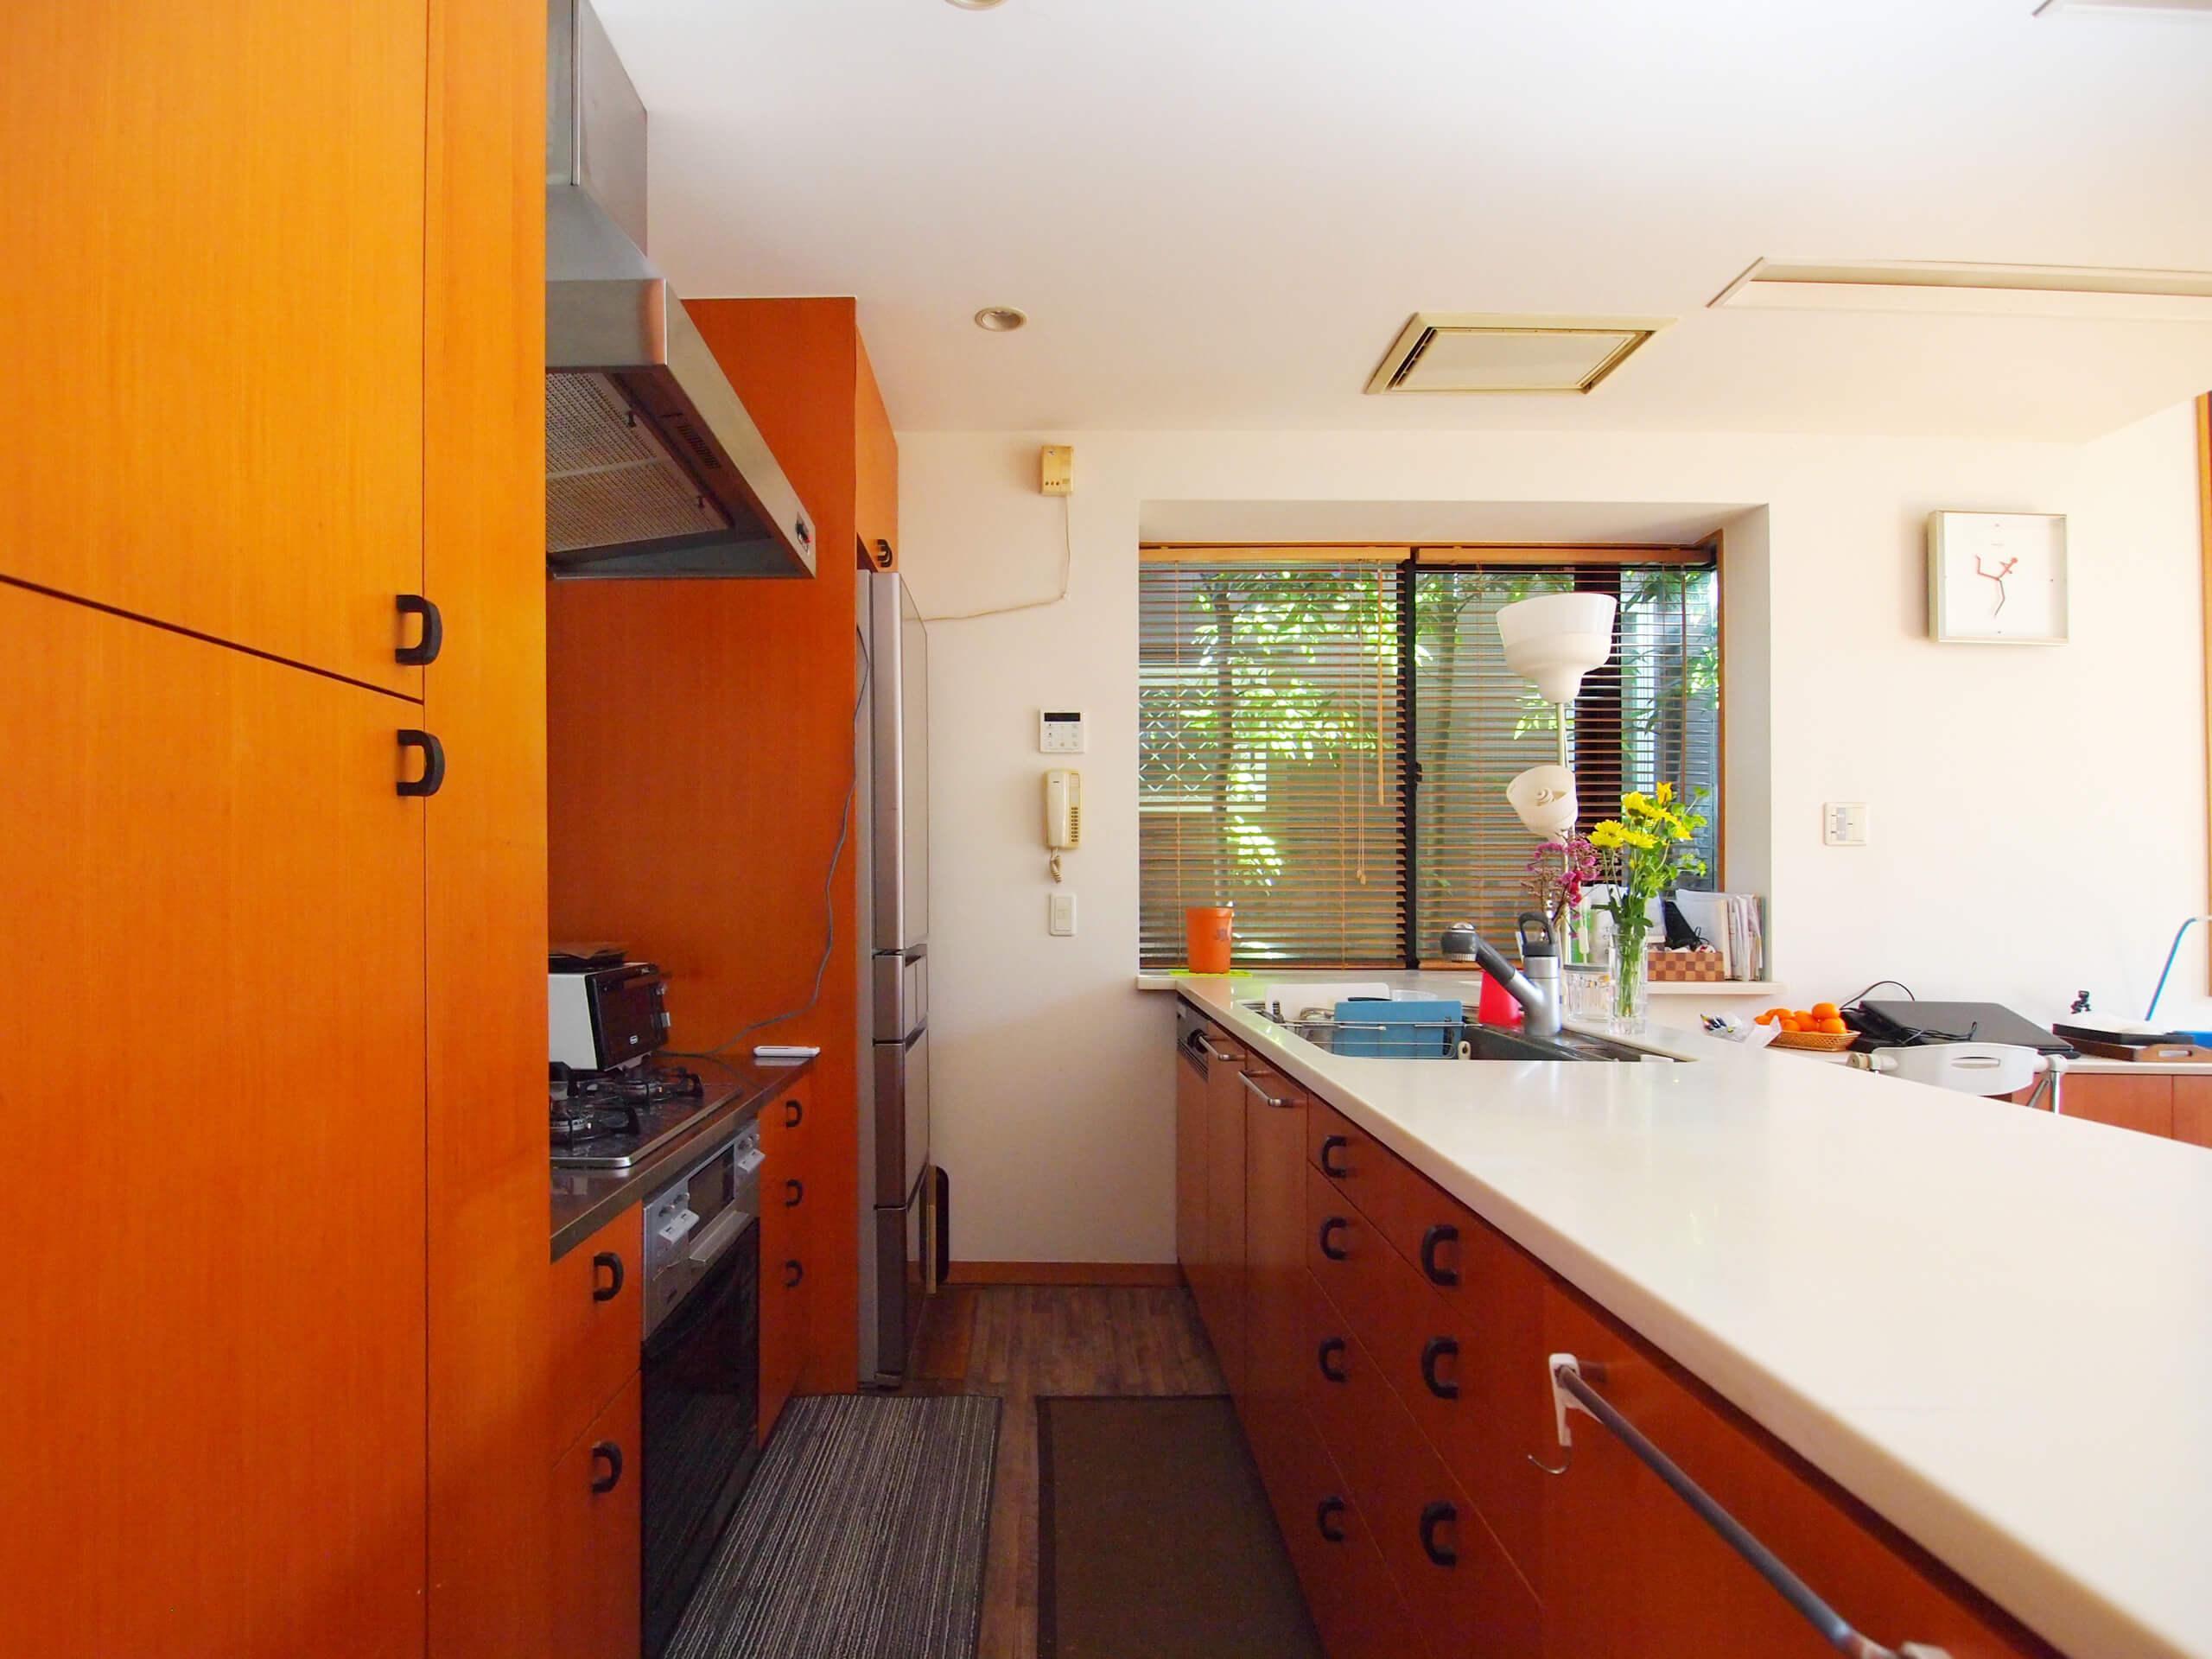 【北側】キッチン。食器洗浄機やガスオーブン、3口ガスコンロがついている